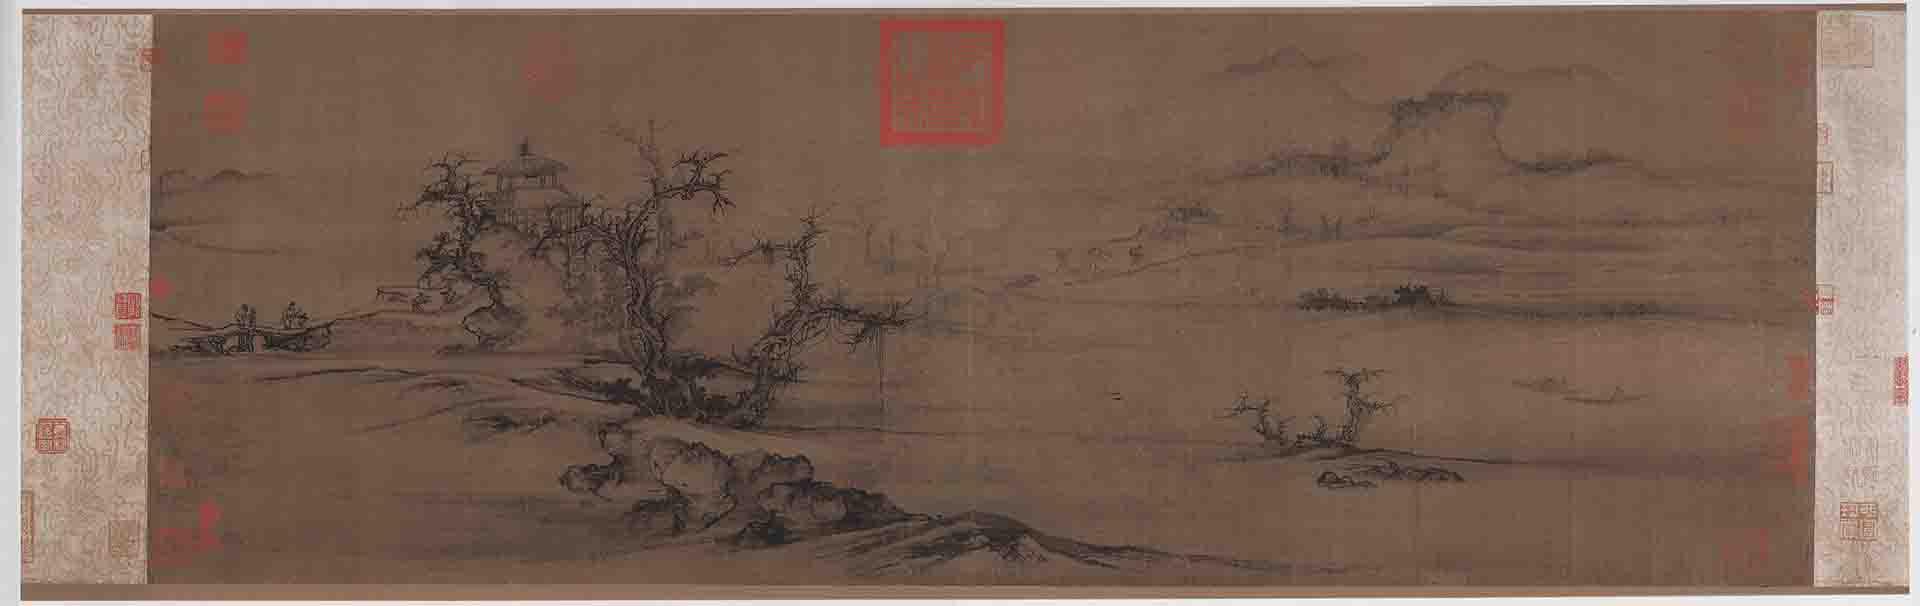 北宋 郭熙 树色平远图 绢本32.4x104.8